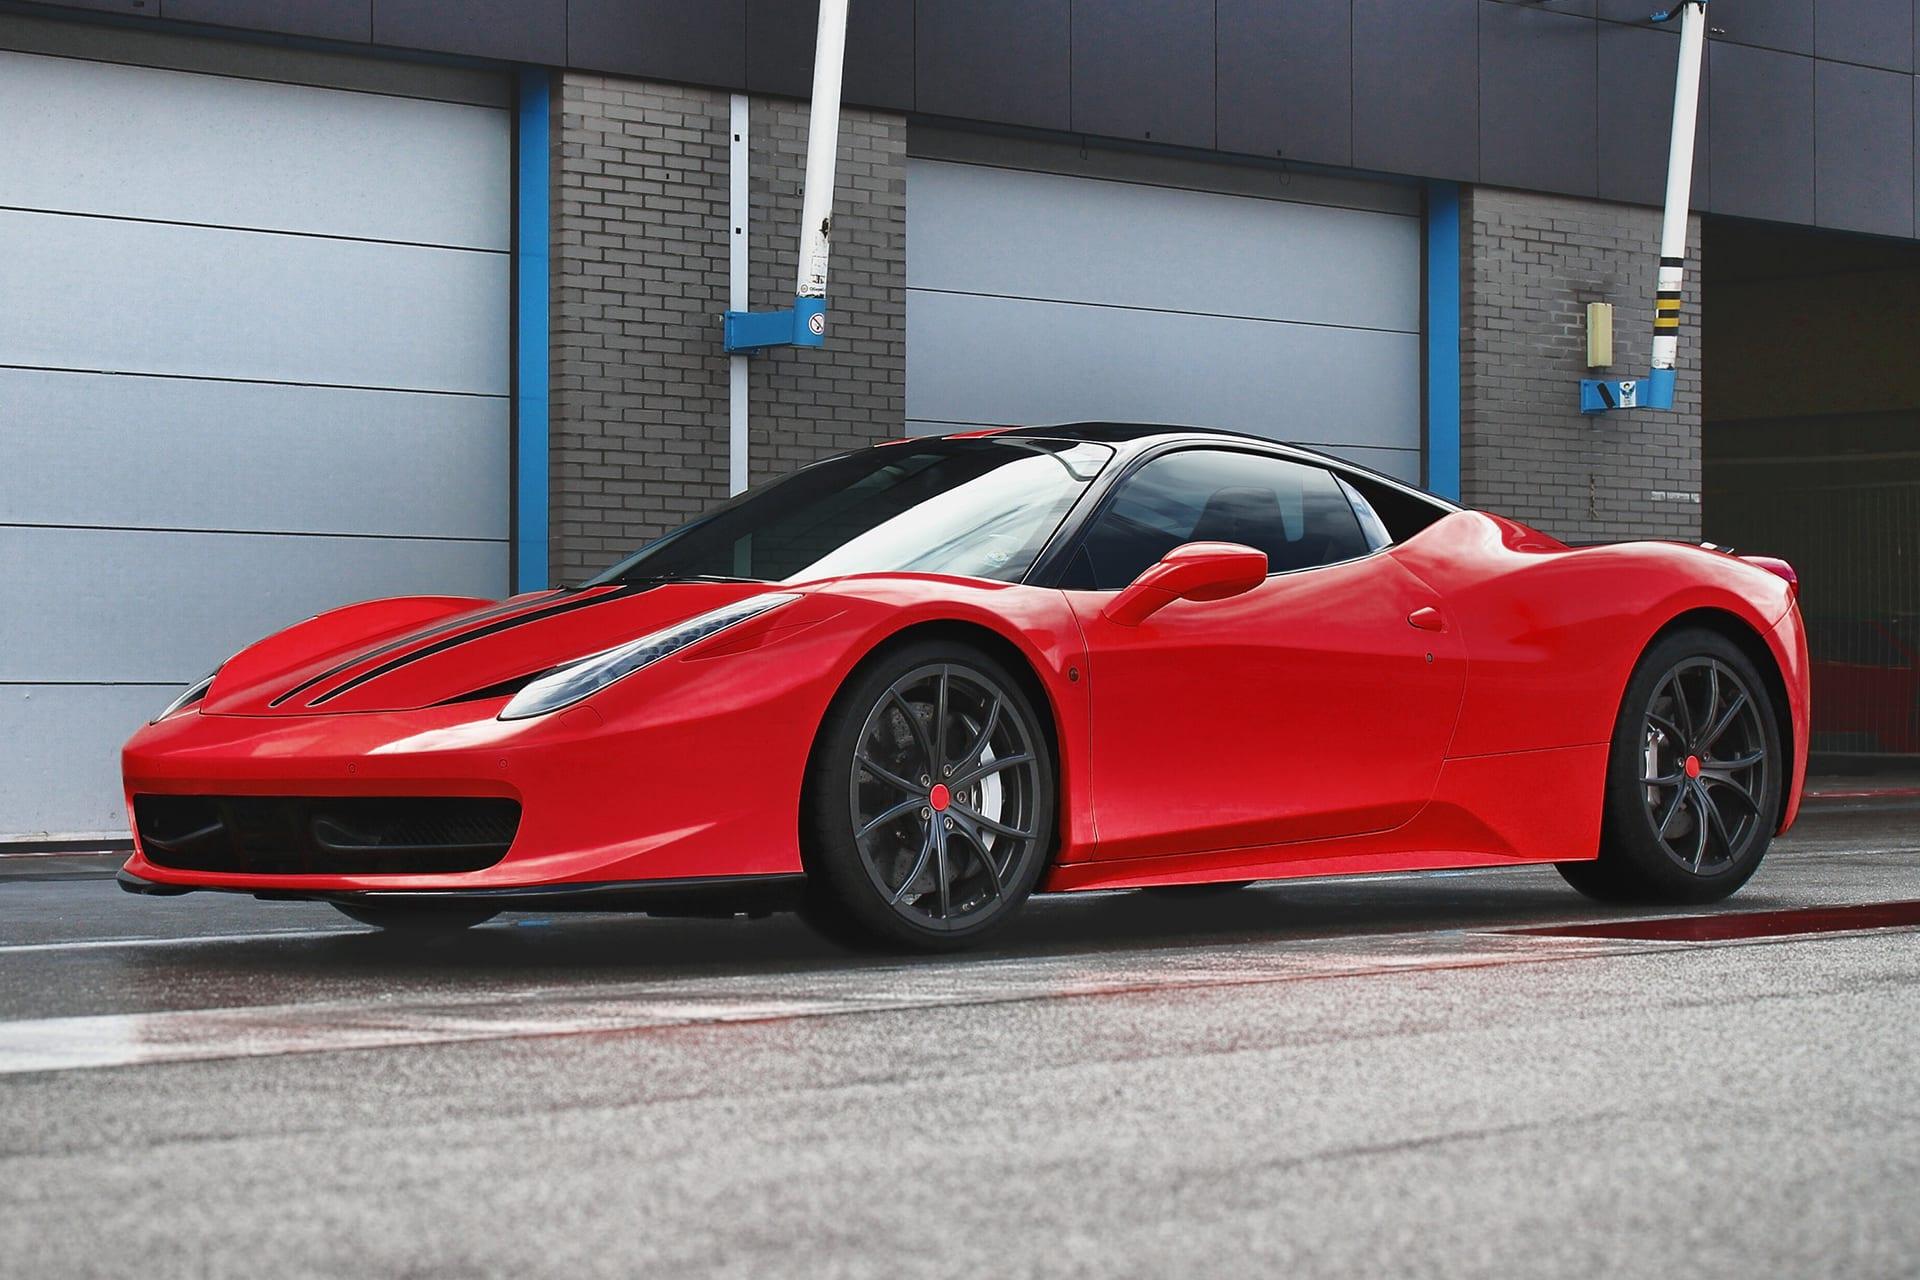 Roter Ferrari parkiert vor einer Garage | nach den Farbkorrekturen